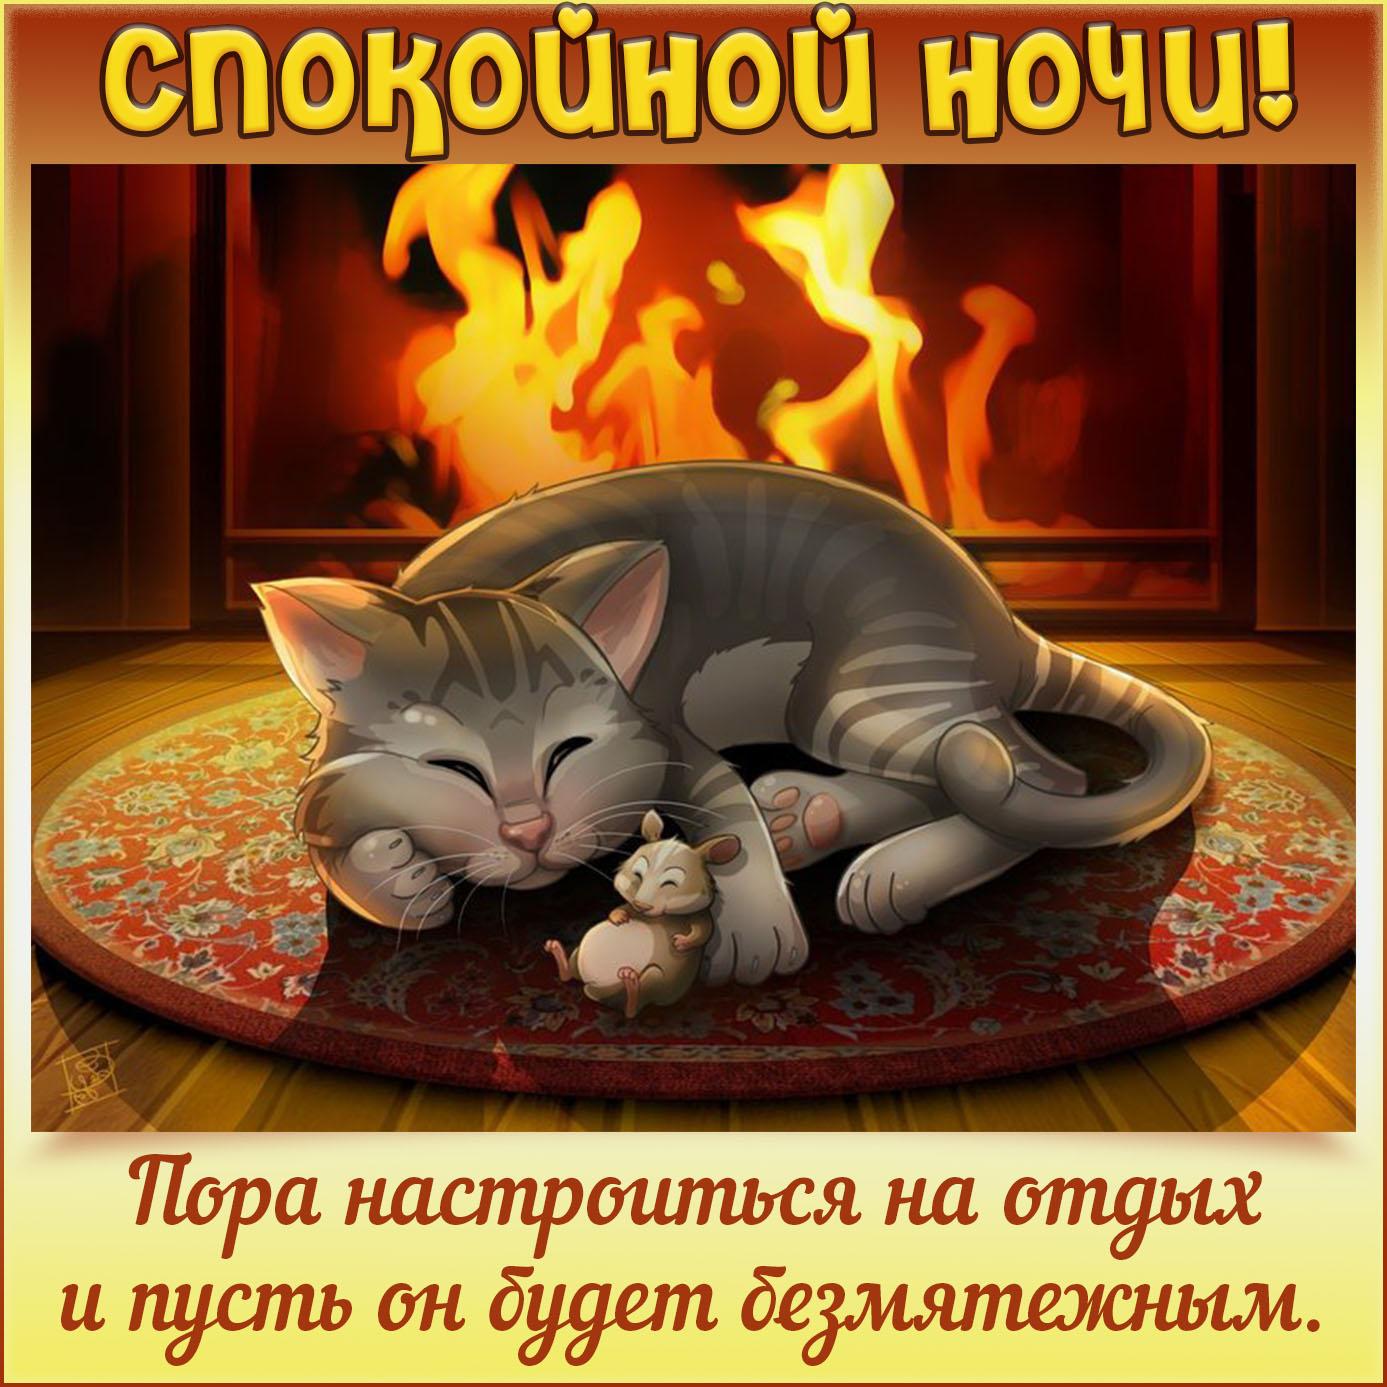 Картинка спокойной ночи с котиком у камина